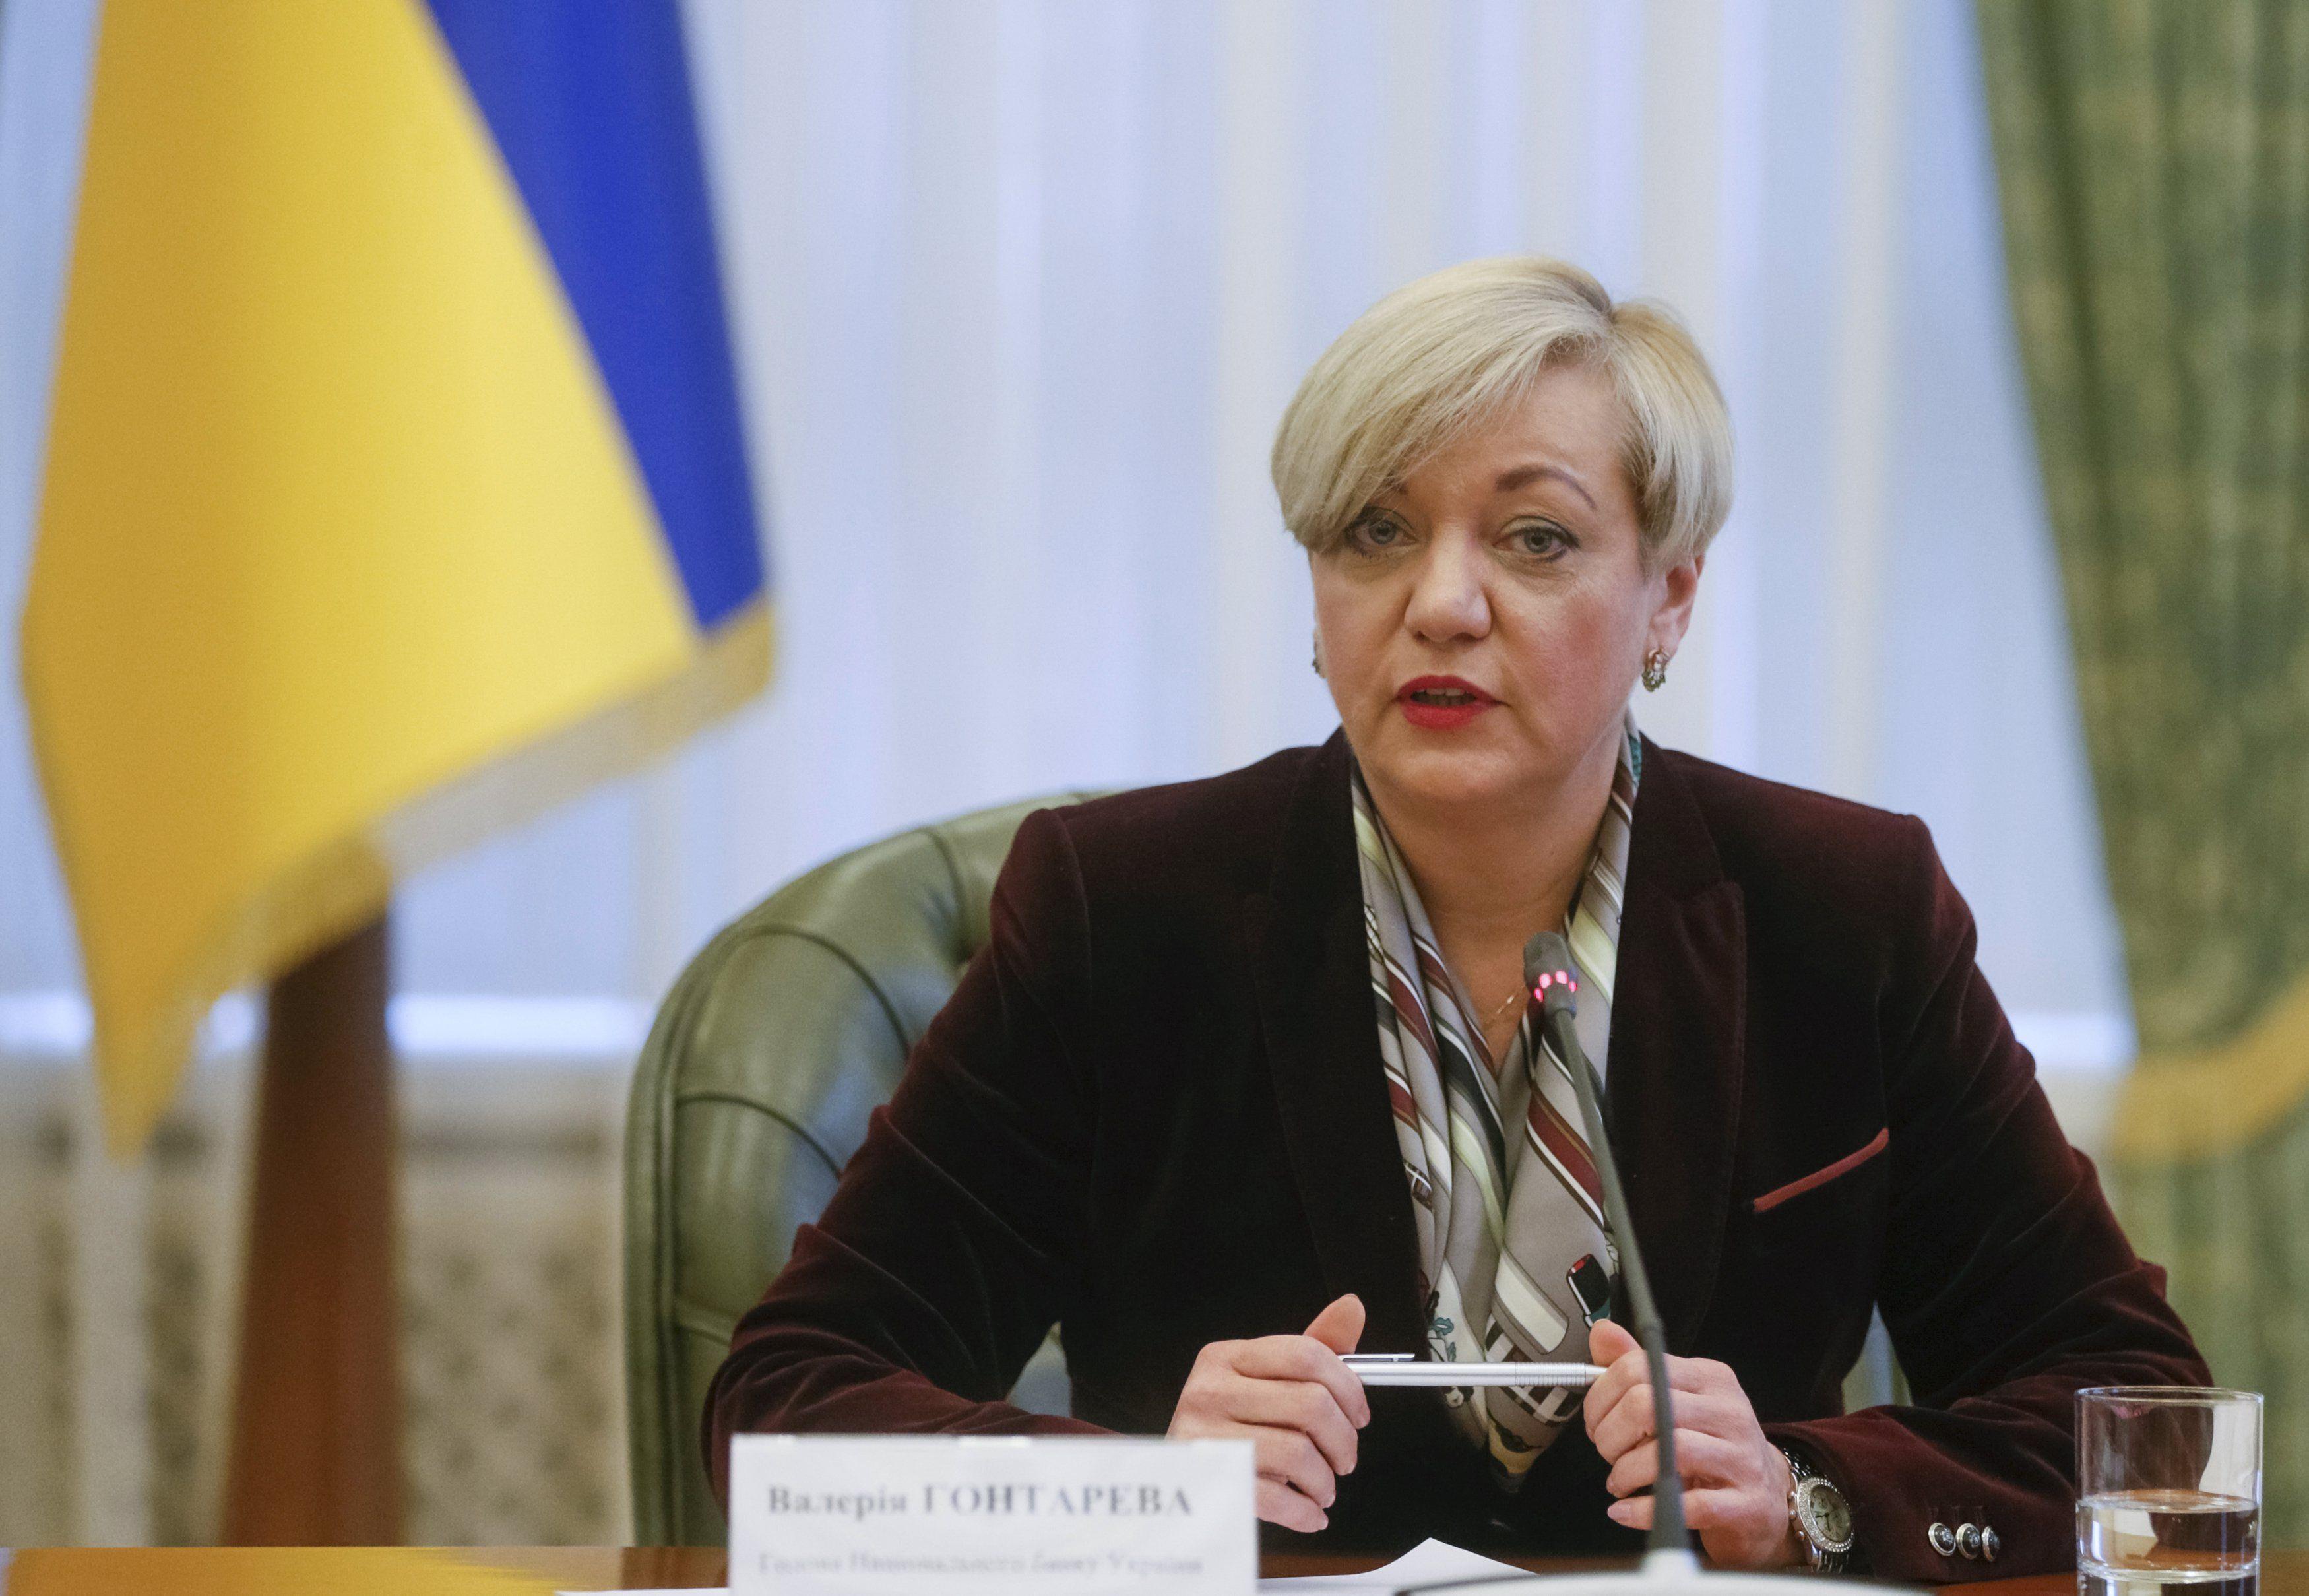 Прощавай Гонтарева: найновіша монетарна історія України